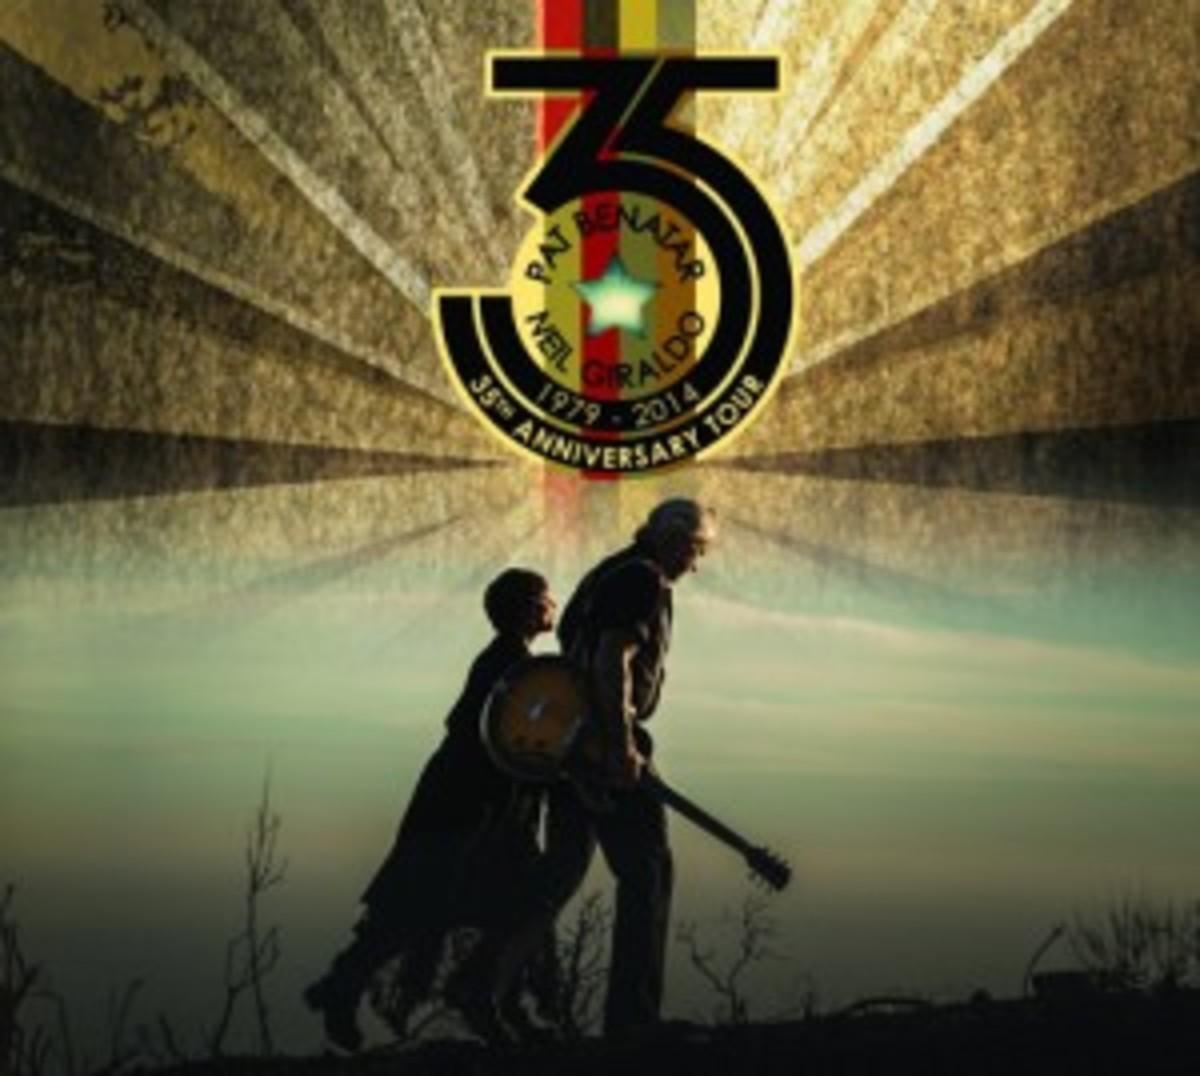 benatar-anniversary